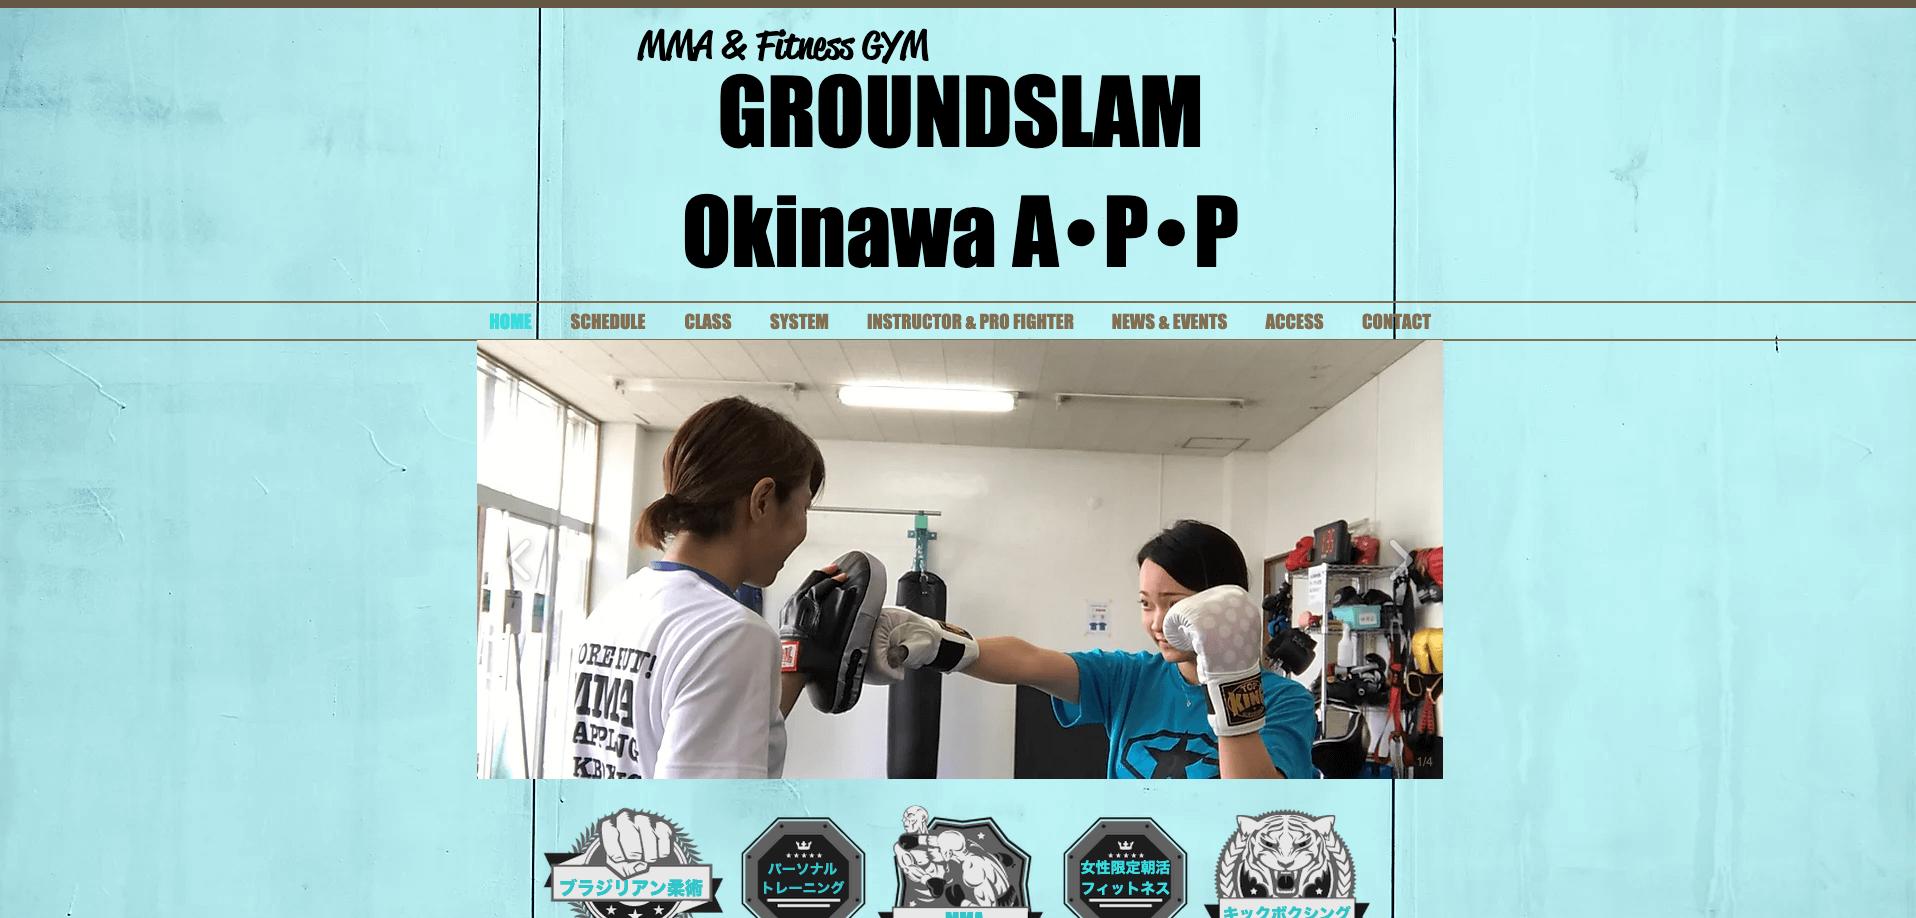 グランドスラム 沖縄 A・P・P